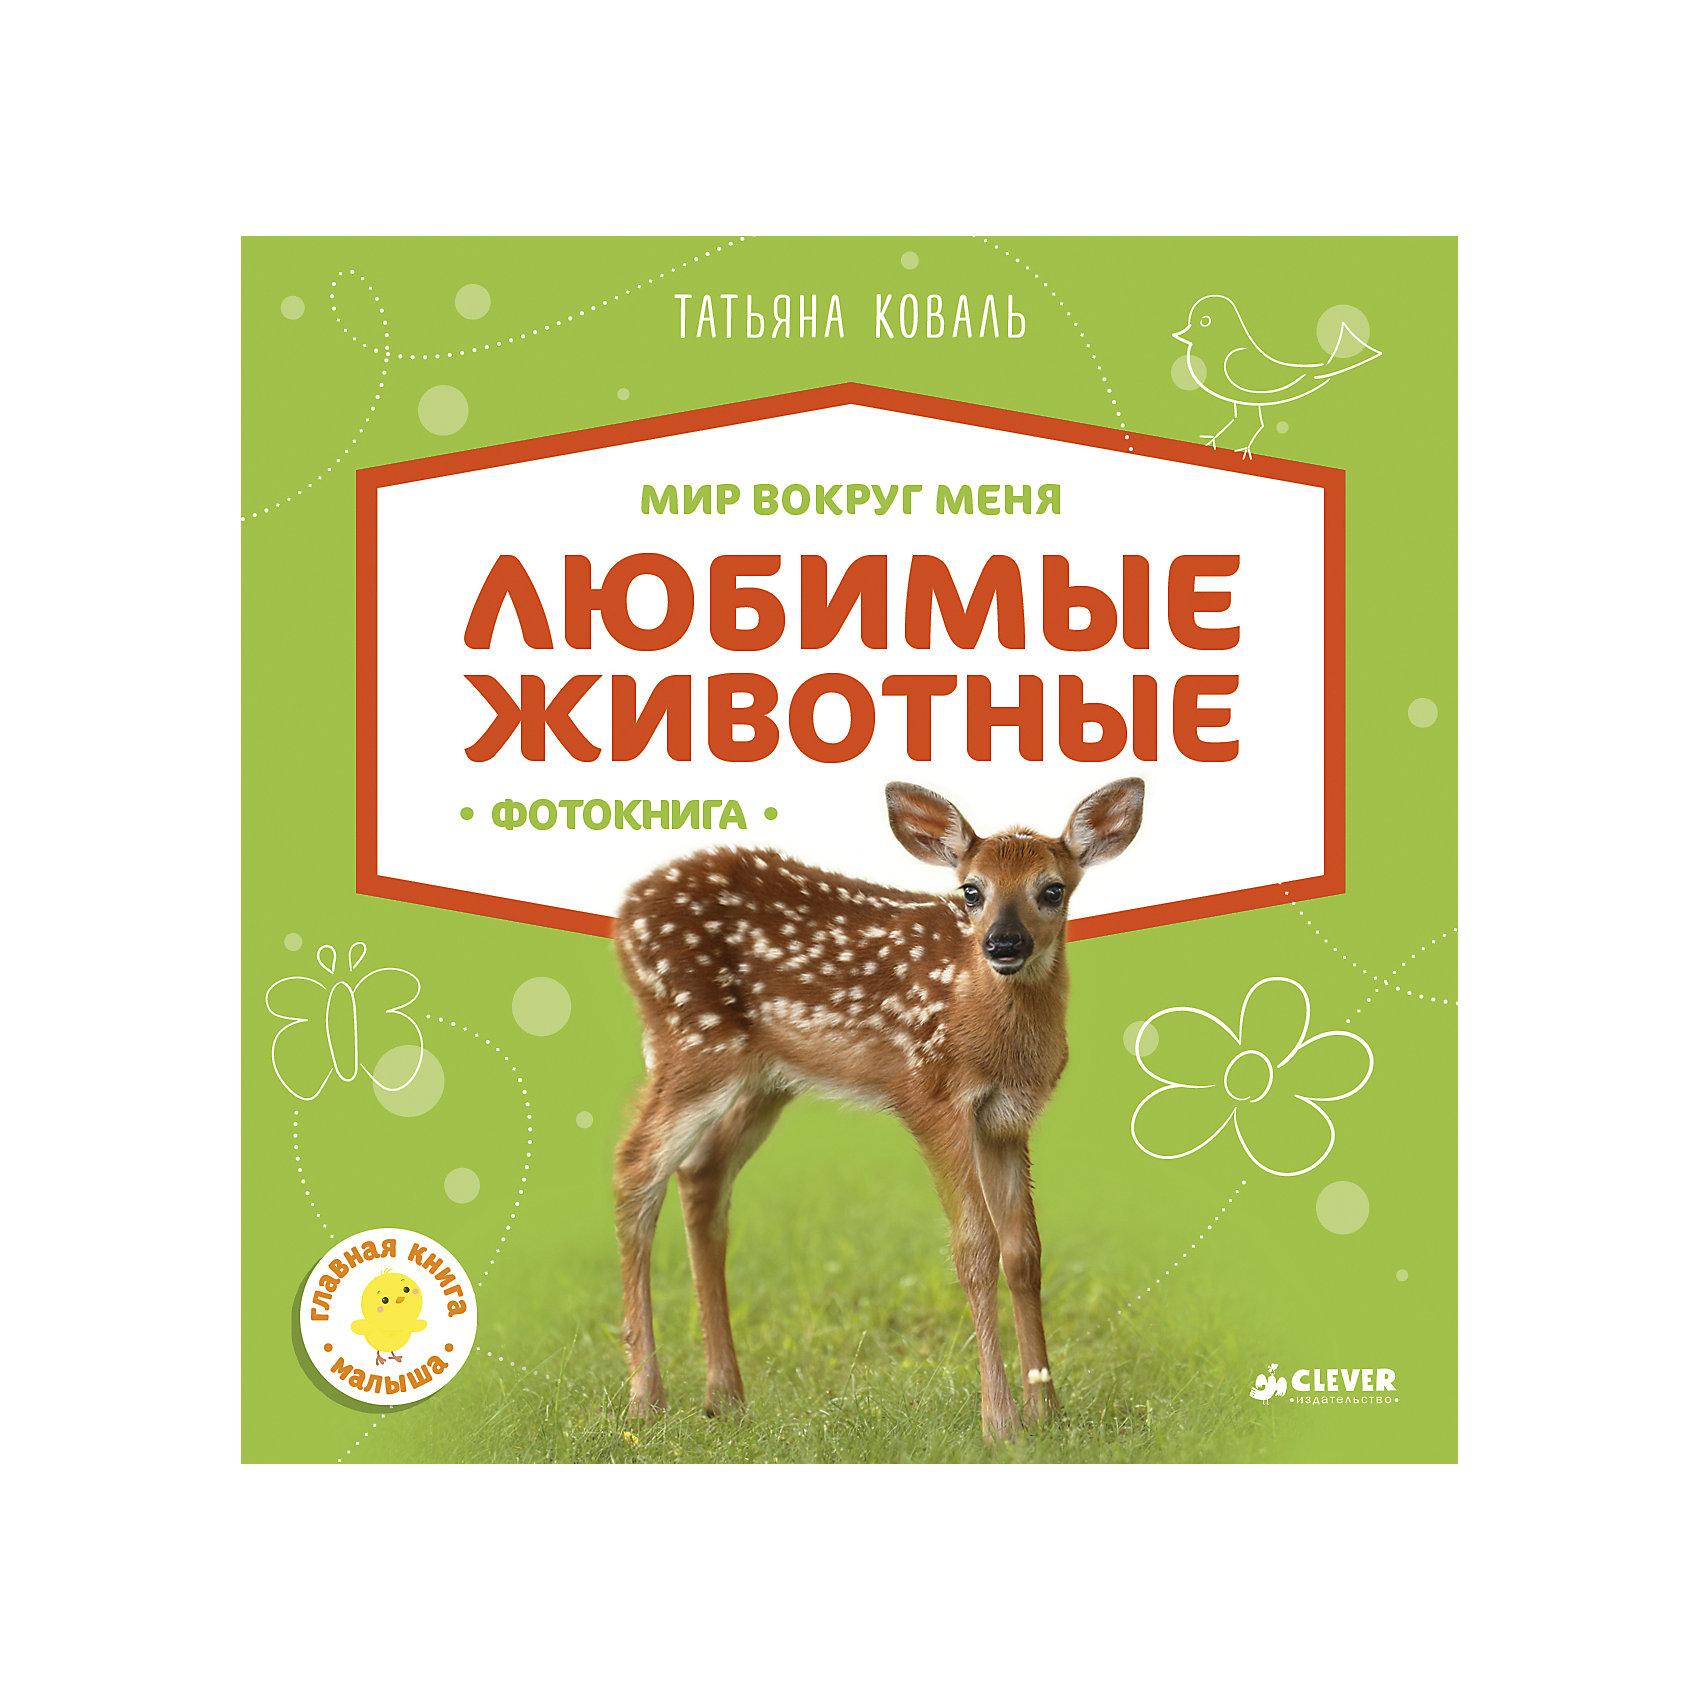 Фотокнига Любимые животные, Т. Коваль, Мир вокруг меняОкружающий мир<br>Характеристики товара:<br><br>• ISBN: 978-5-906951-59-5;<br>• возраст: от 1 года;<br>• формат: 84х108/16;<br>• бумага: картон;<br>• тип обложки: 7Бц - твердая, (плотная бумага или картон);<br>• оформление: пухлая обложка;<br>• иллюстрации: цветные;<br>• серия: Мир вокруг меня;<br>• издательство: Клевер Медиа Групп, 2017 г.;<br>• автор: Коваль Татьяна;<br>• редактор: Евдокимова Анастасия;<br>• количество страниц: 20;<br>• размеры: 20,8х20,4х2 см;<br>• масса: 396 г.<br><br>Красочная книга с красивыми фотографиями подходит для самых маленьких читателей. На страницах фотокниги дети увидят животных со всех уголков земного шара, выучат их названия, познакомятся с оттенками цветов и освоят первый счёт. На каждой странице есть веселый стишок про животных.<br><br>Книга предназначена для развивающих занятий с самого раннего возраста, помогает развивать речь, память, логику, внимание. Плотные картонные страницы легко переворачиваются и безопасны для ребенка. <br><br>Фотокнигу «Любимые животные», Коваль Т., Клевер Медиа Групп, можно купить в нашем интернет-магазине.<br><br>Ширина мм: 200<br>Глубина мм: 200<br>Высота мм: 12<br>Вес г: 414<br>Возраст от месяцев: 12<br>Возраст до месяцев: 36<br>Пол: Унисекс<br>Возраст: Детский<br>SKU: 7039977